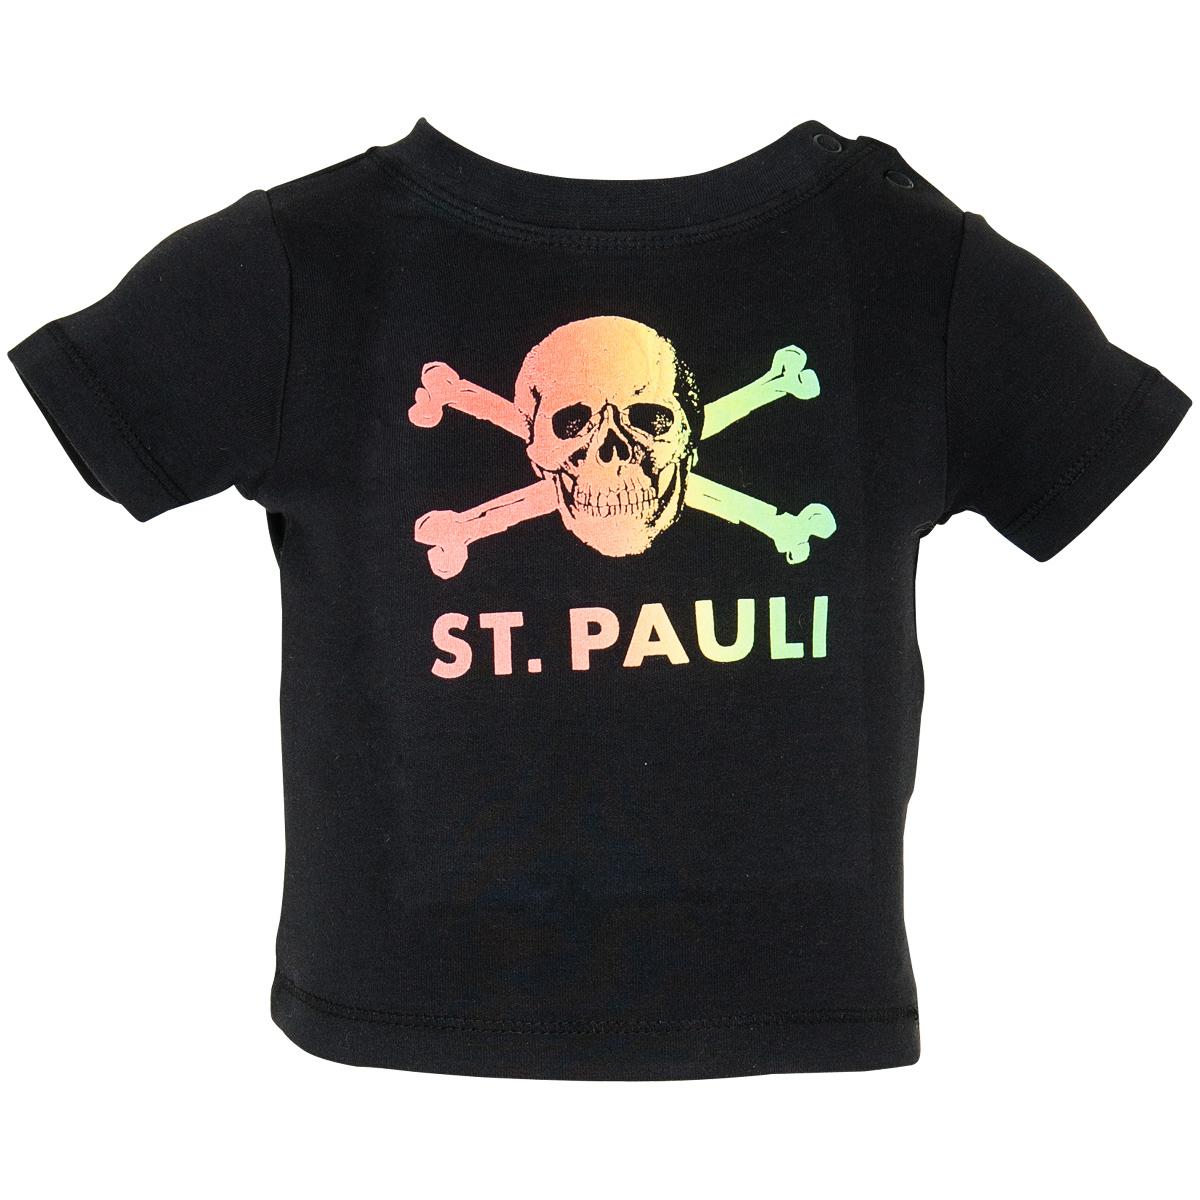 FC St. Pauli Baby T-Shirt Regenbogen Totenkopf - schwarz